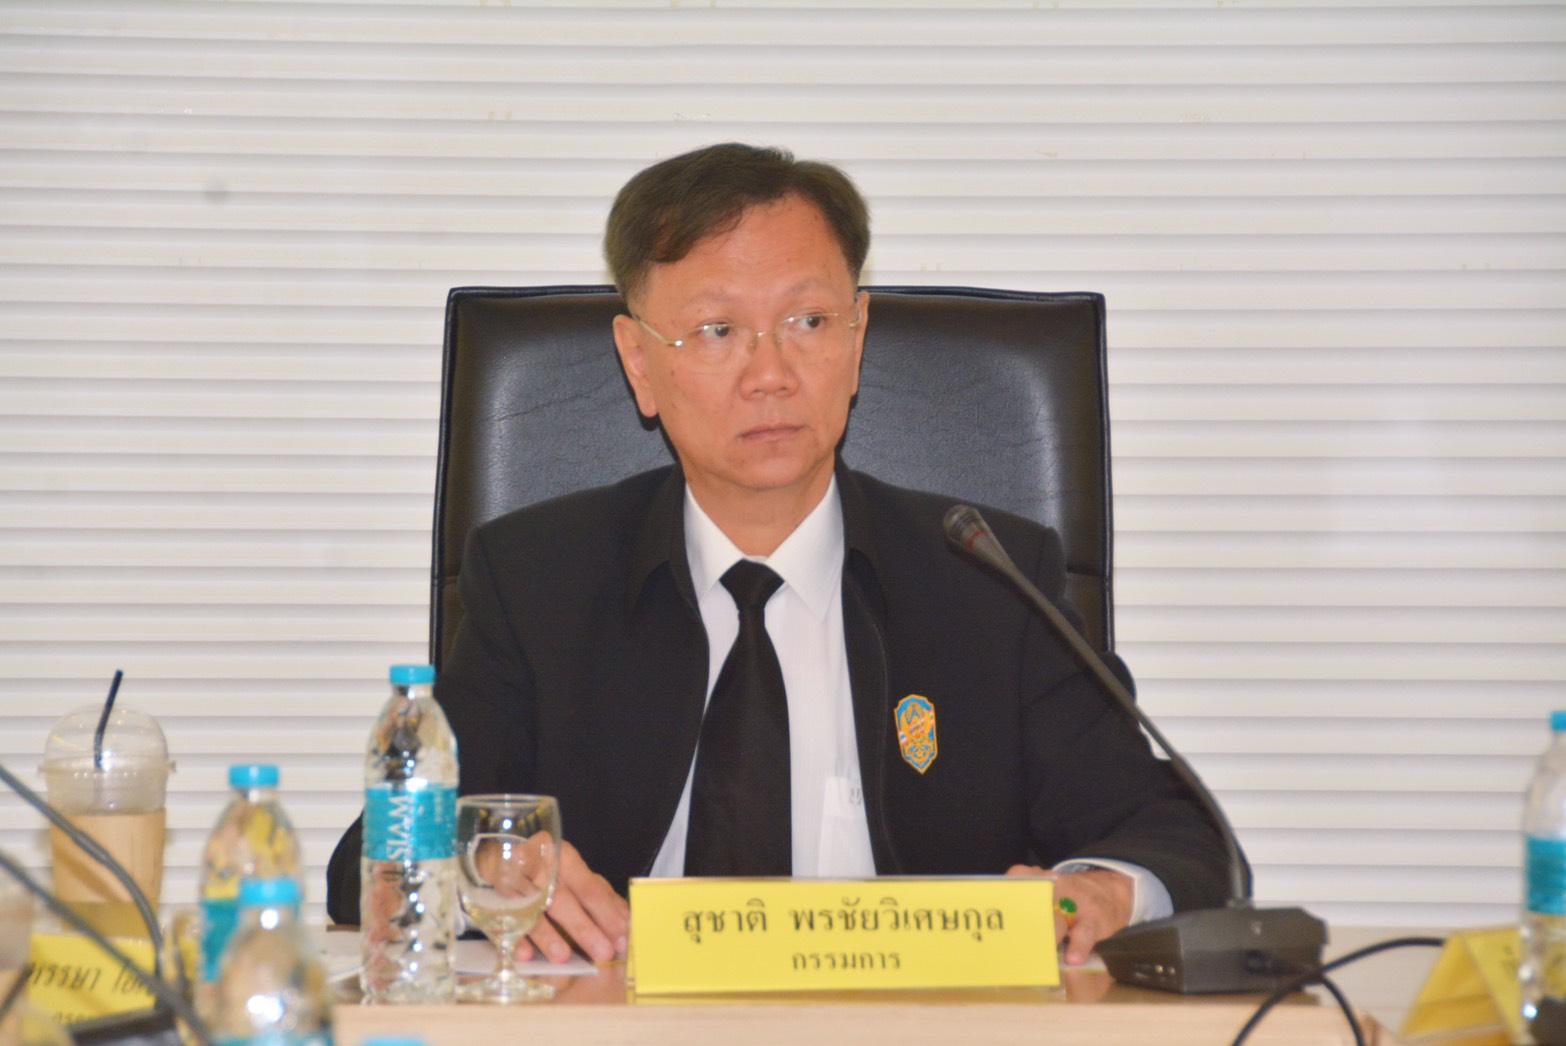 นายสุชาติ พรชัยวิเศษกุล รองอธิบดีกรมการจัดหางาน เป็นประธานการประชุมคณะกรรมการมูลนิธิส่งเสริมการมีงานทำเฉลิมพระเกียรติ  ประจำปี 2560 ครั้งที่ 1/2560 ณ ห้องประชุมตรีเทพ ชั้น 14 กรมการจัดหางาน